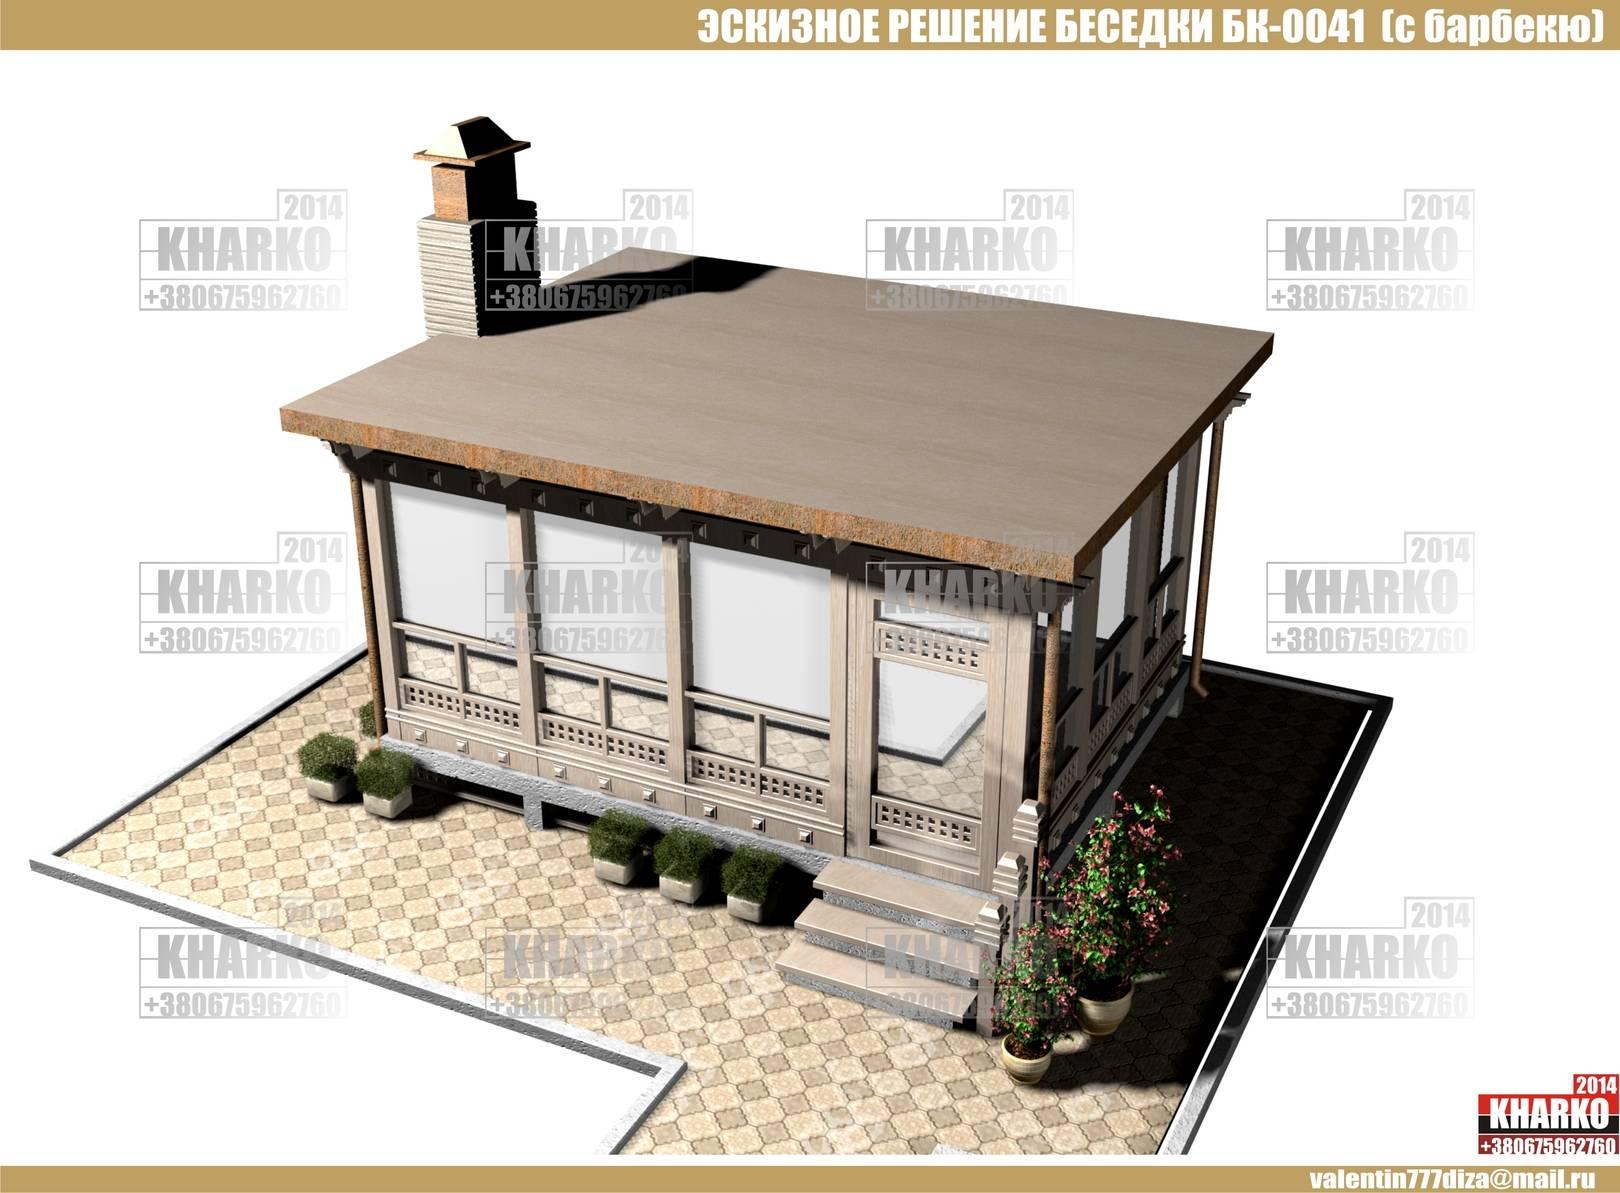 проект беседки БК-0041 (с барбекю),project pergola, gazebo, shed  общая площадь беседки- 23.2 м. кв. эксплуатируемая площадь беседки-17.2 м.кв. габаритные размеры - 4.2 м. на 5.5 м. тип фундамента-монолитный ж/б материал наружной стены и опор-кирпич, бетон,дерево тип кровли-битумная черепица Наружная отделка цоколя -декоративный камень Стоимость проекта- 1200 грн.